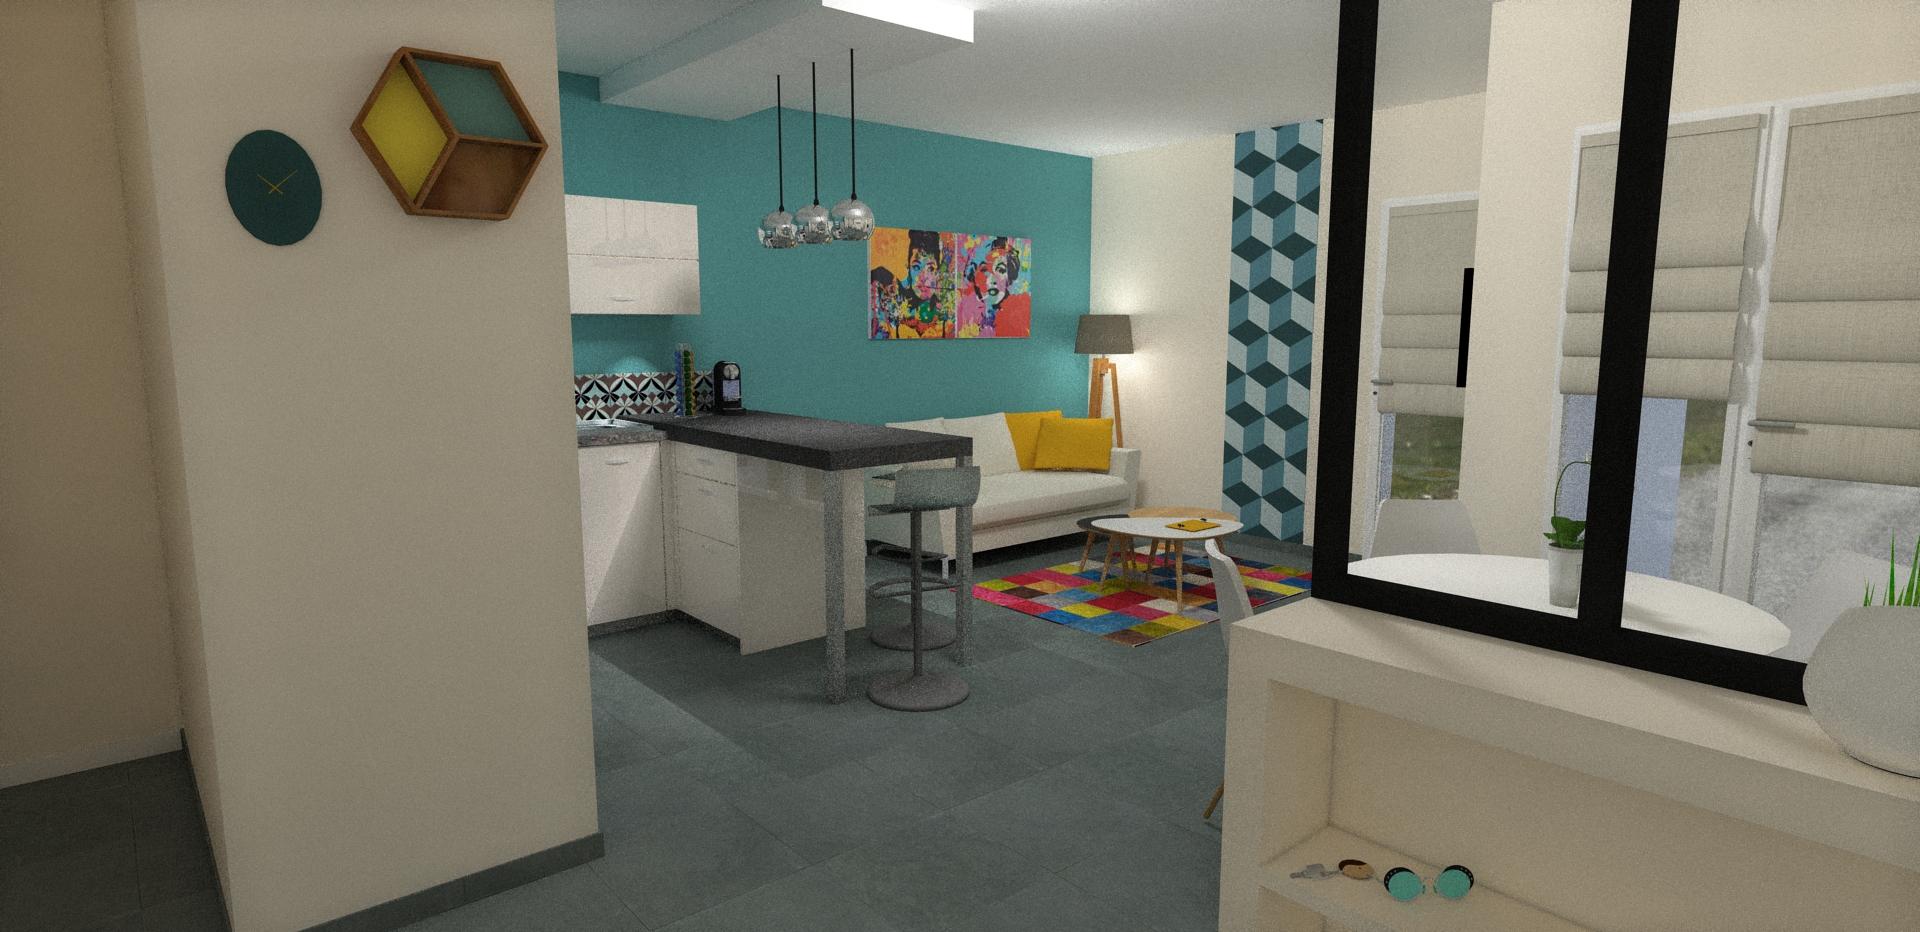 son premier appartement valence f vrier 2016 aura. Black Bedroom Furniture Sets. Home Design Ideas